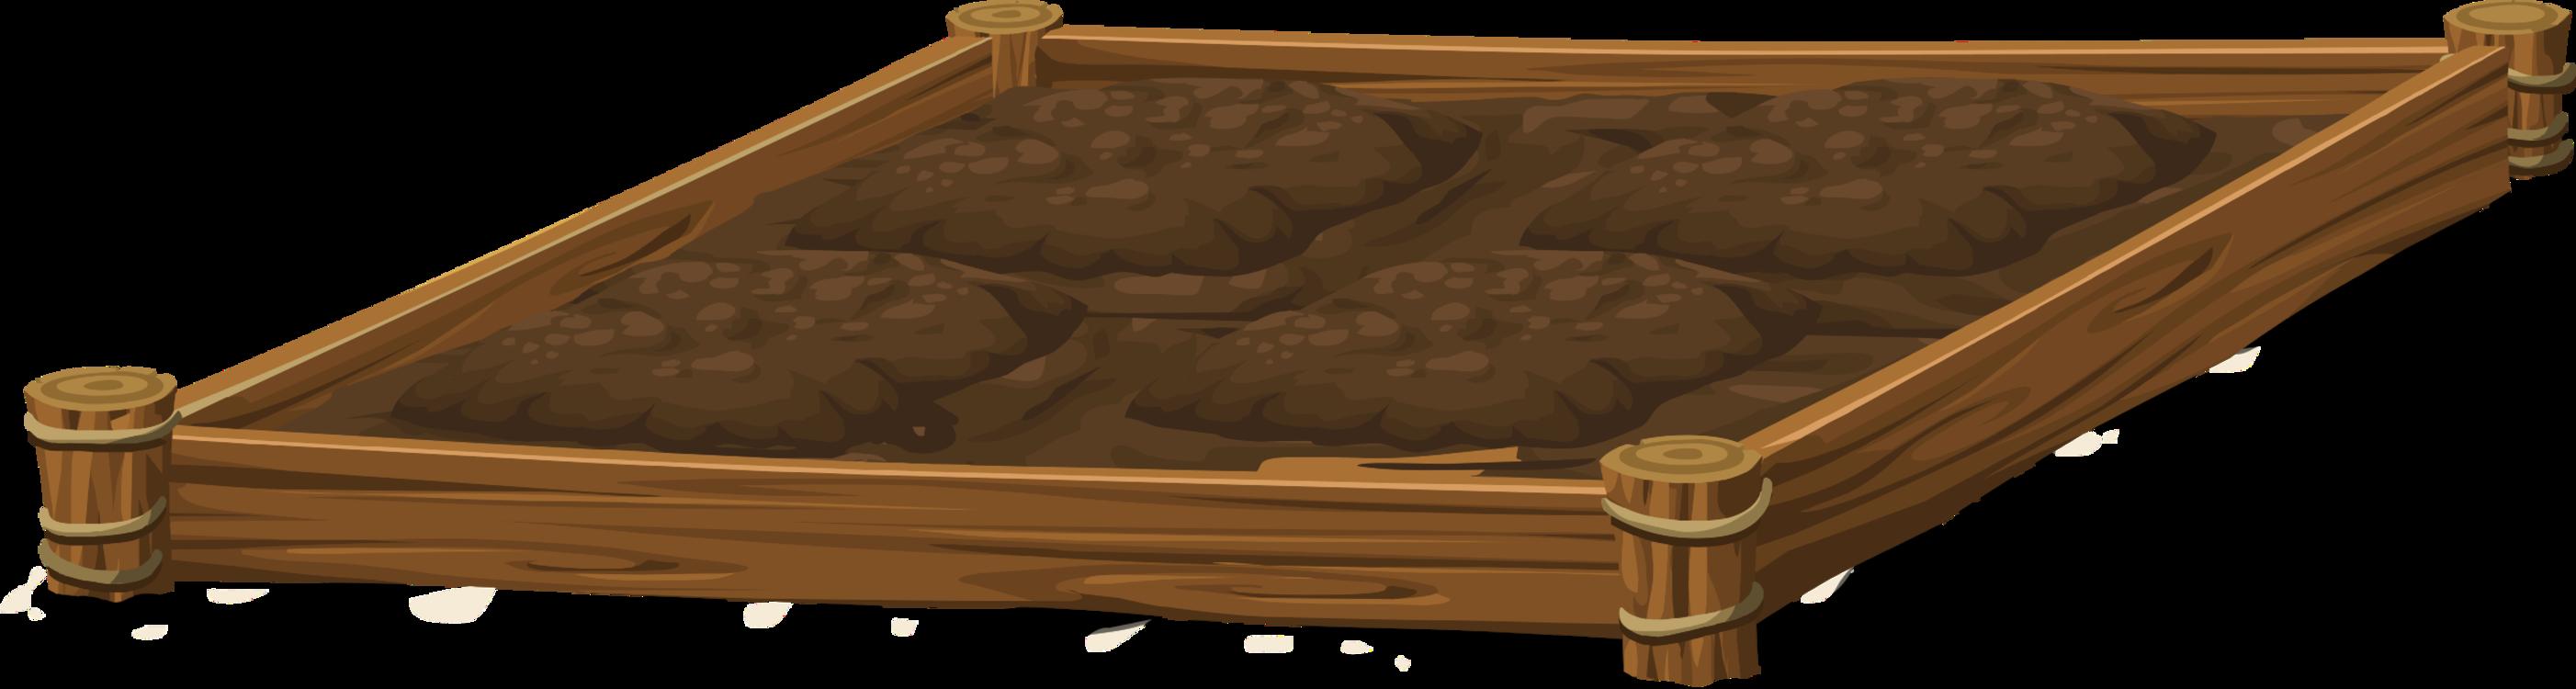 Wood,Bed Frame,Bed